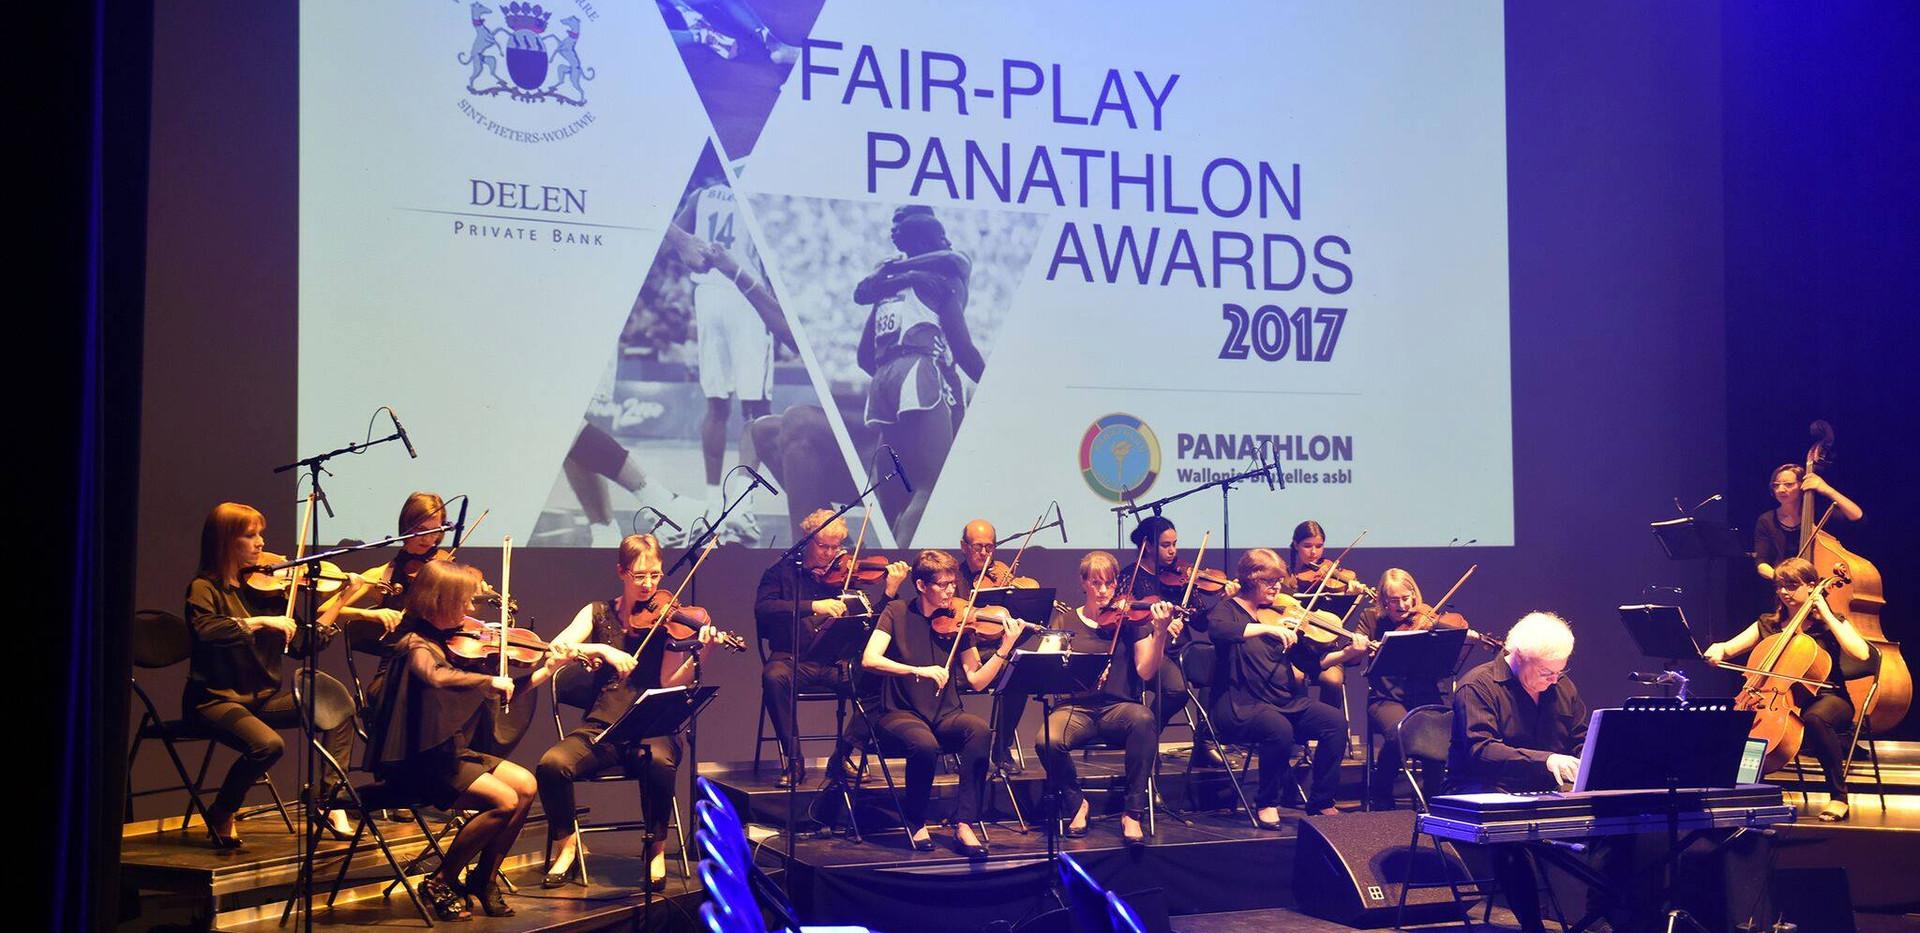 2017oct fairplay panathlon.jpg